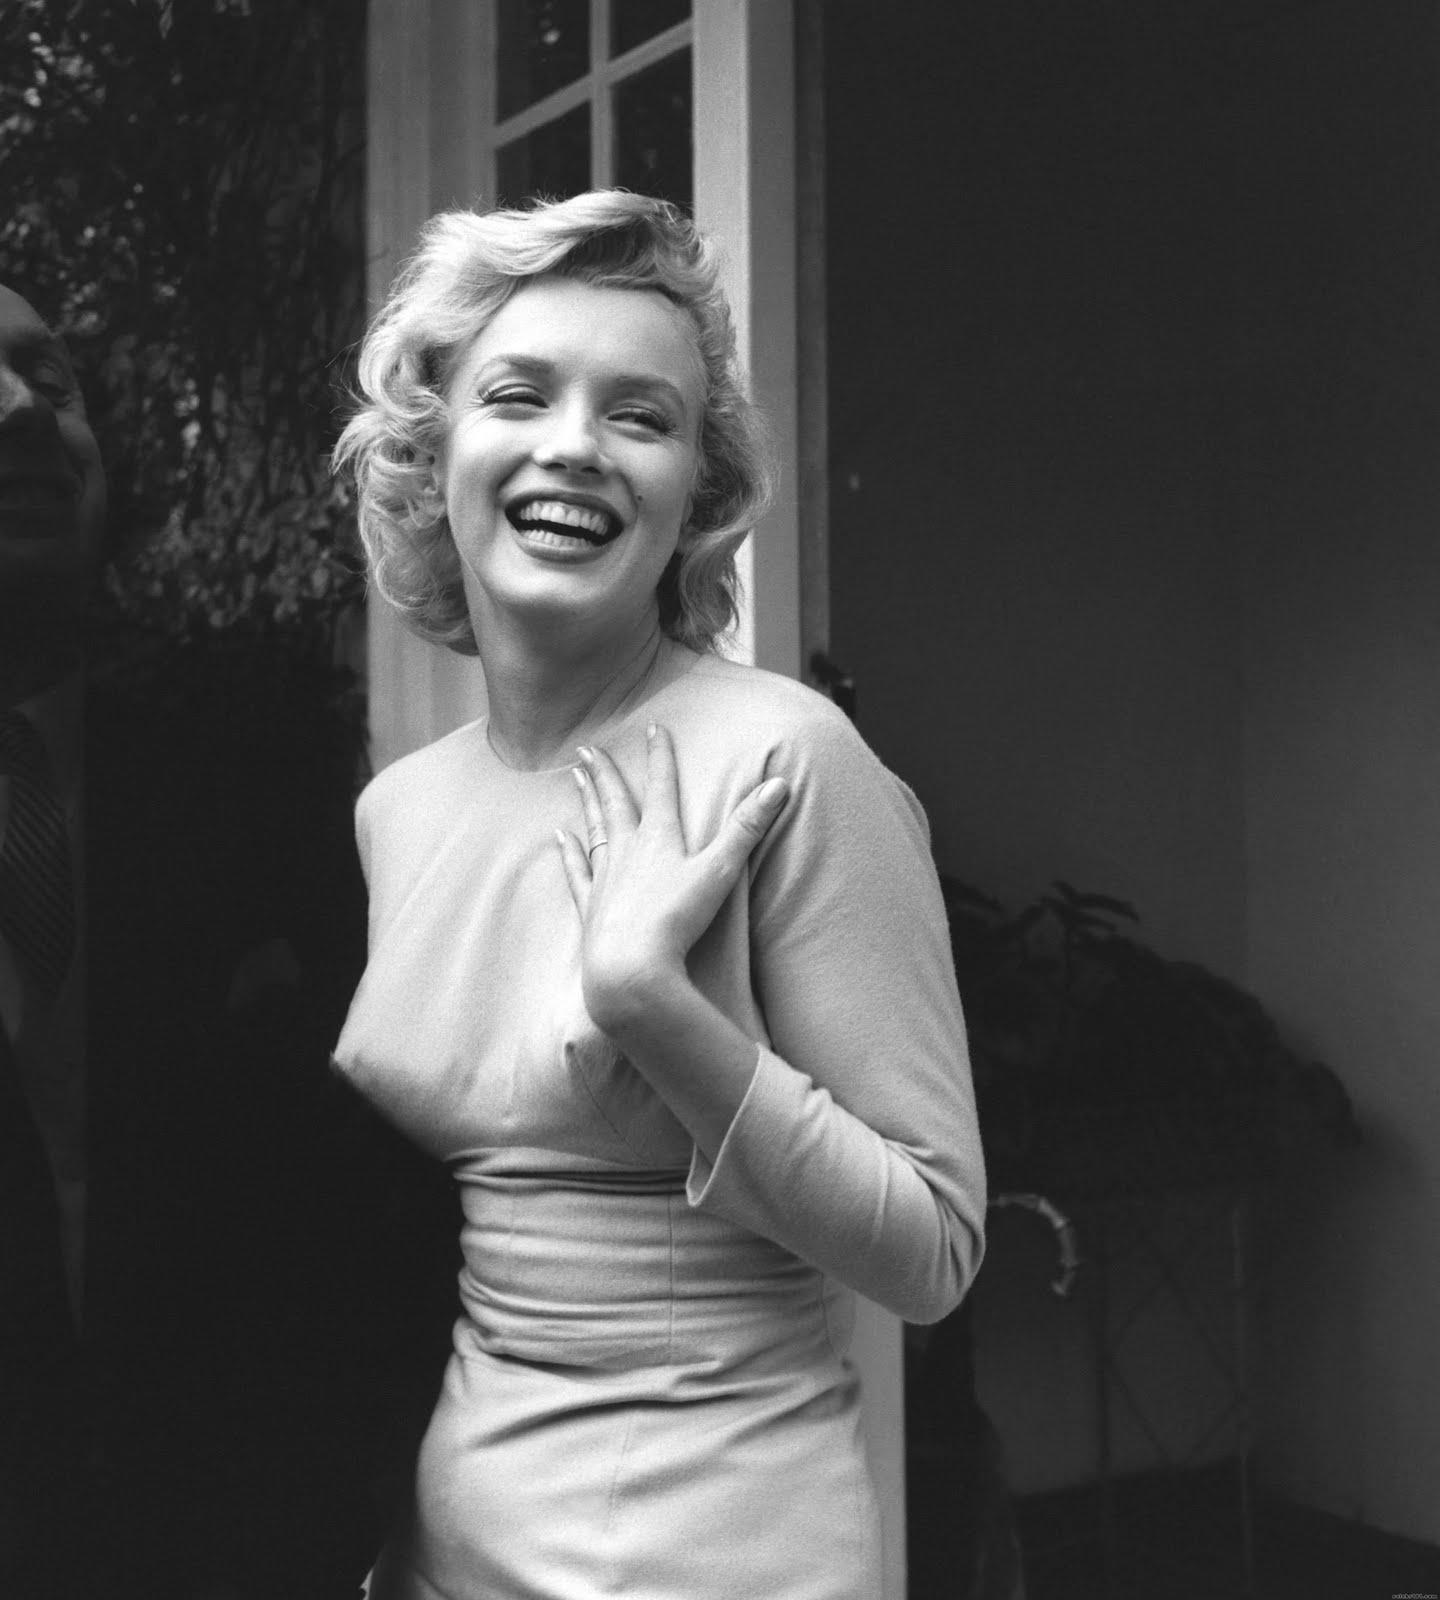 http://1.bp.blogspot.com/-jvsmliJYJd4/TfJ40wH6ywI/AAAAAAAAFq8/rWSof7cruZA/s1600/Marilyn+Monroe+30.jpg